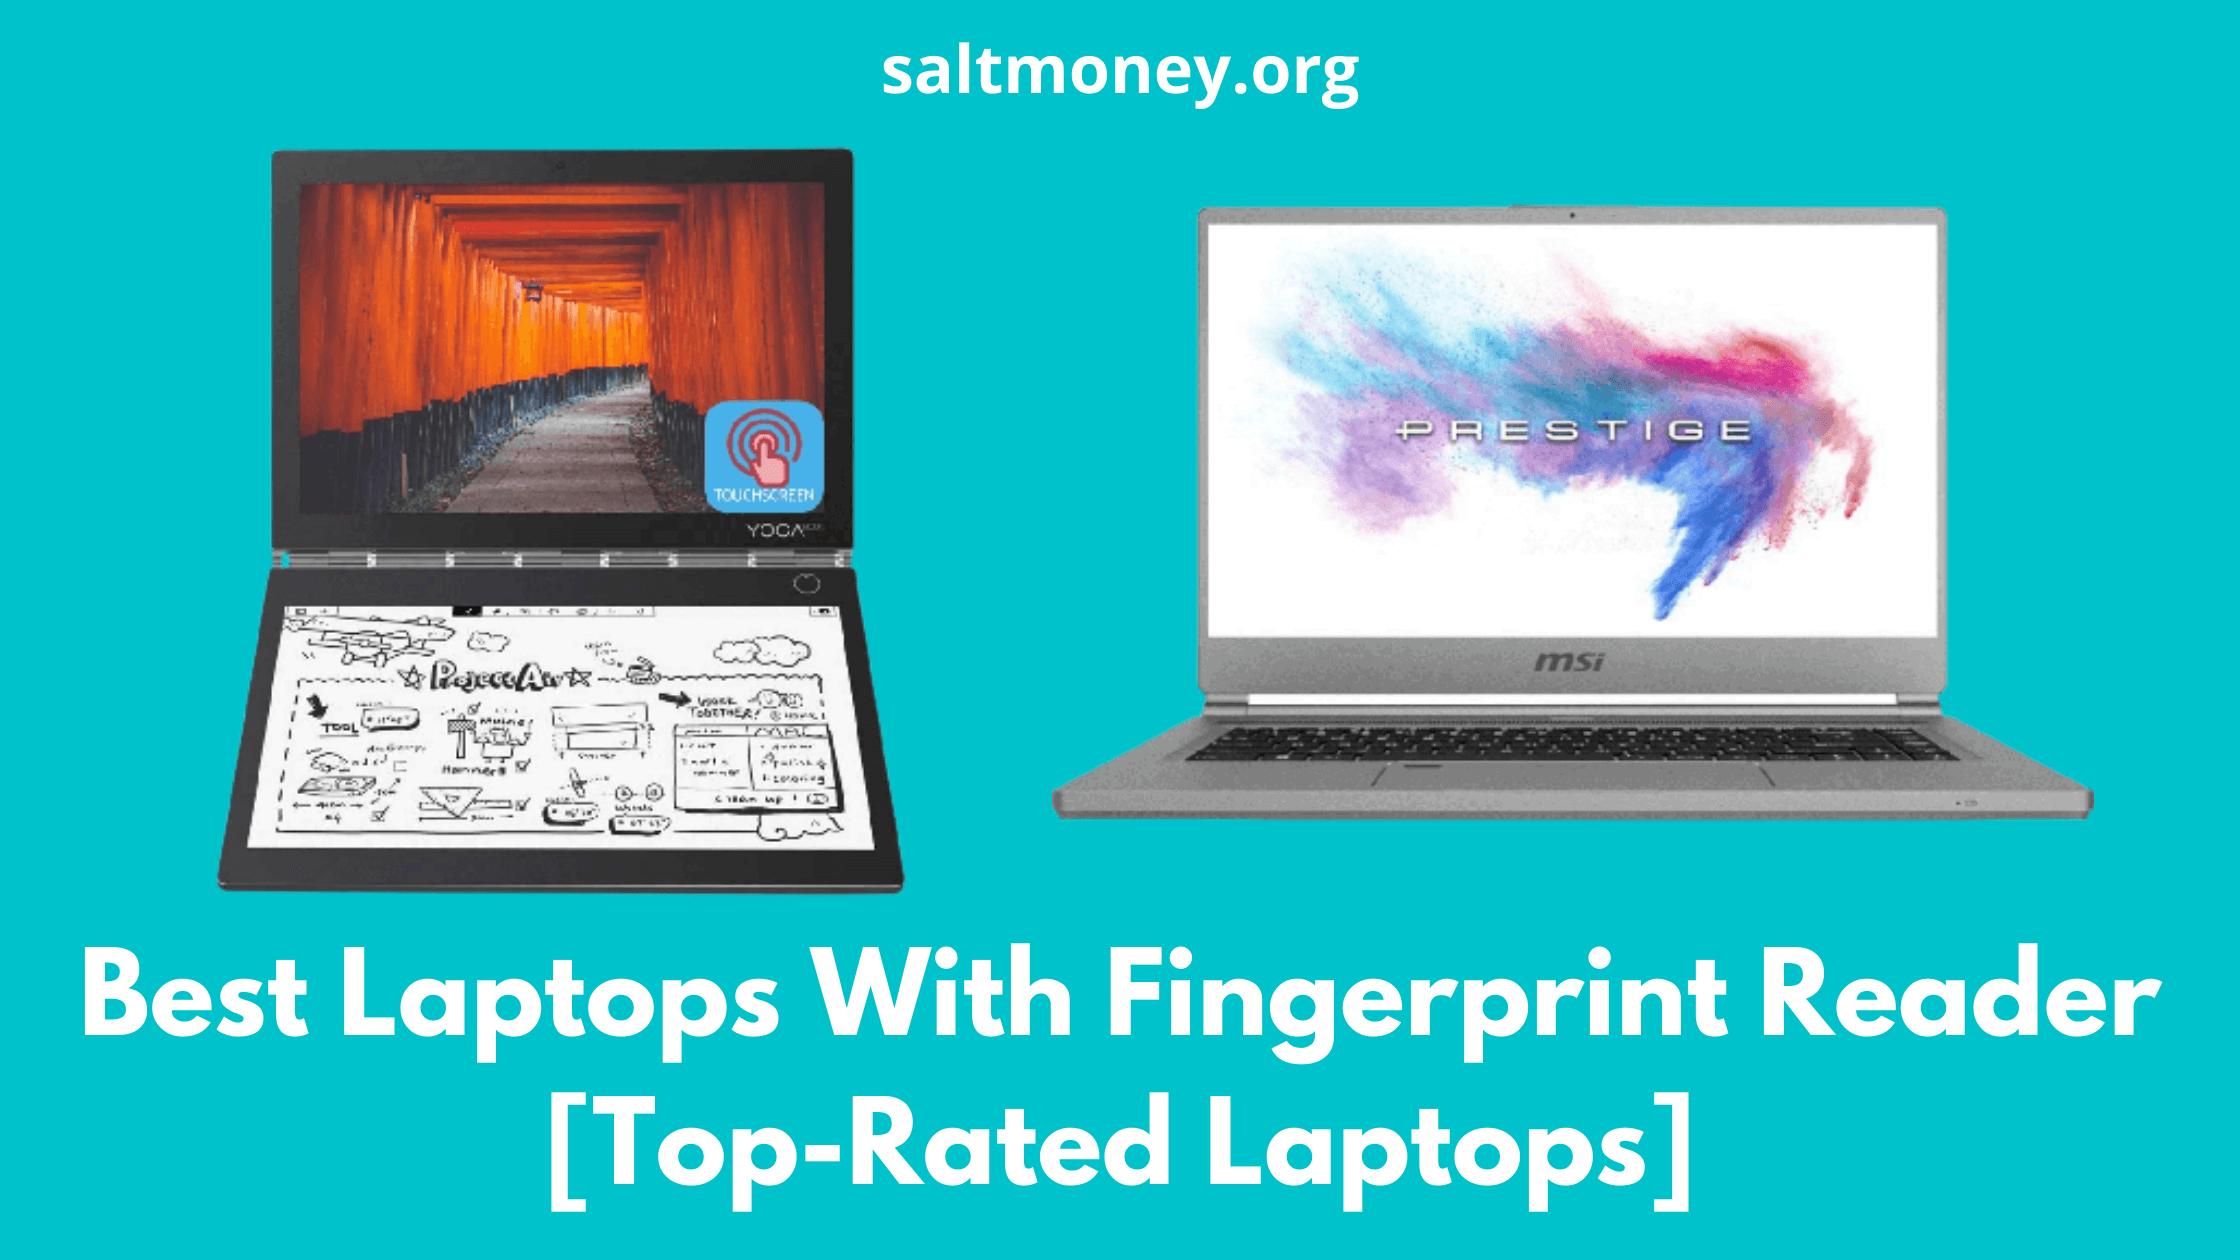 Best Laptops With Fingerprint Reader